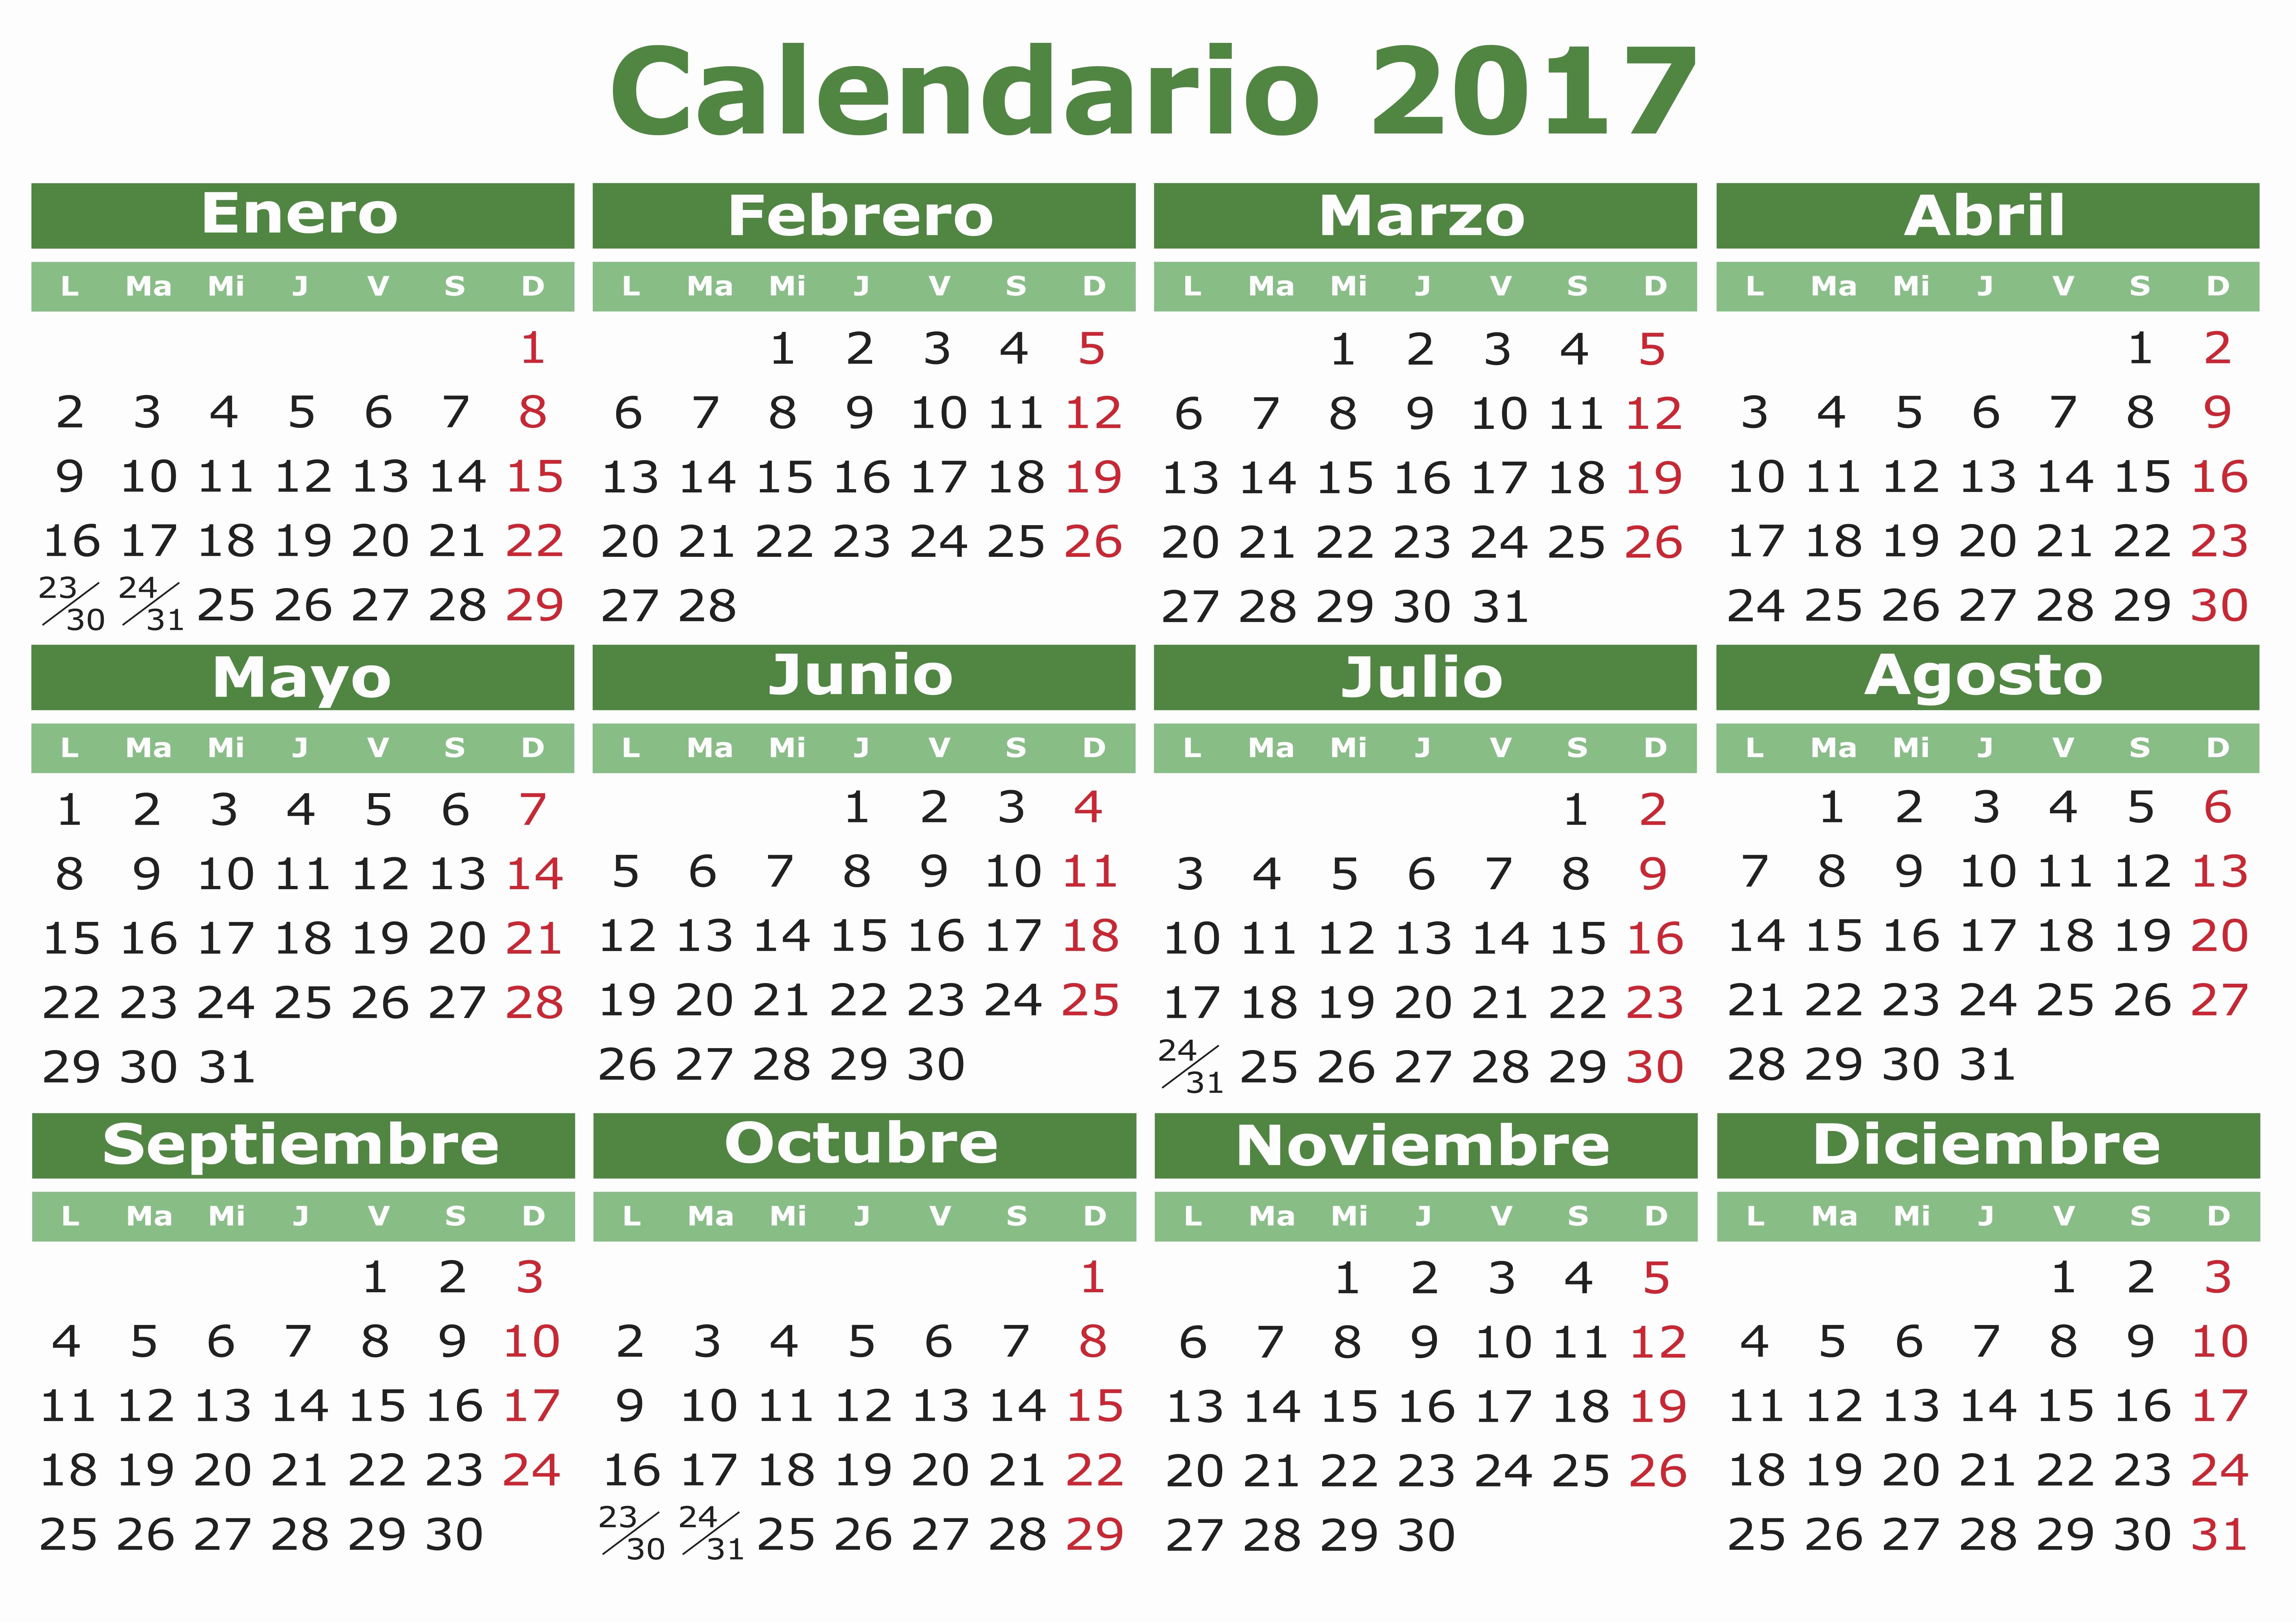 Calendario Juliano 2017 Para Imprimir New Spanish Calendar 2017 orientación andújar Recursos